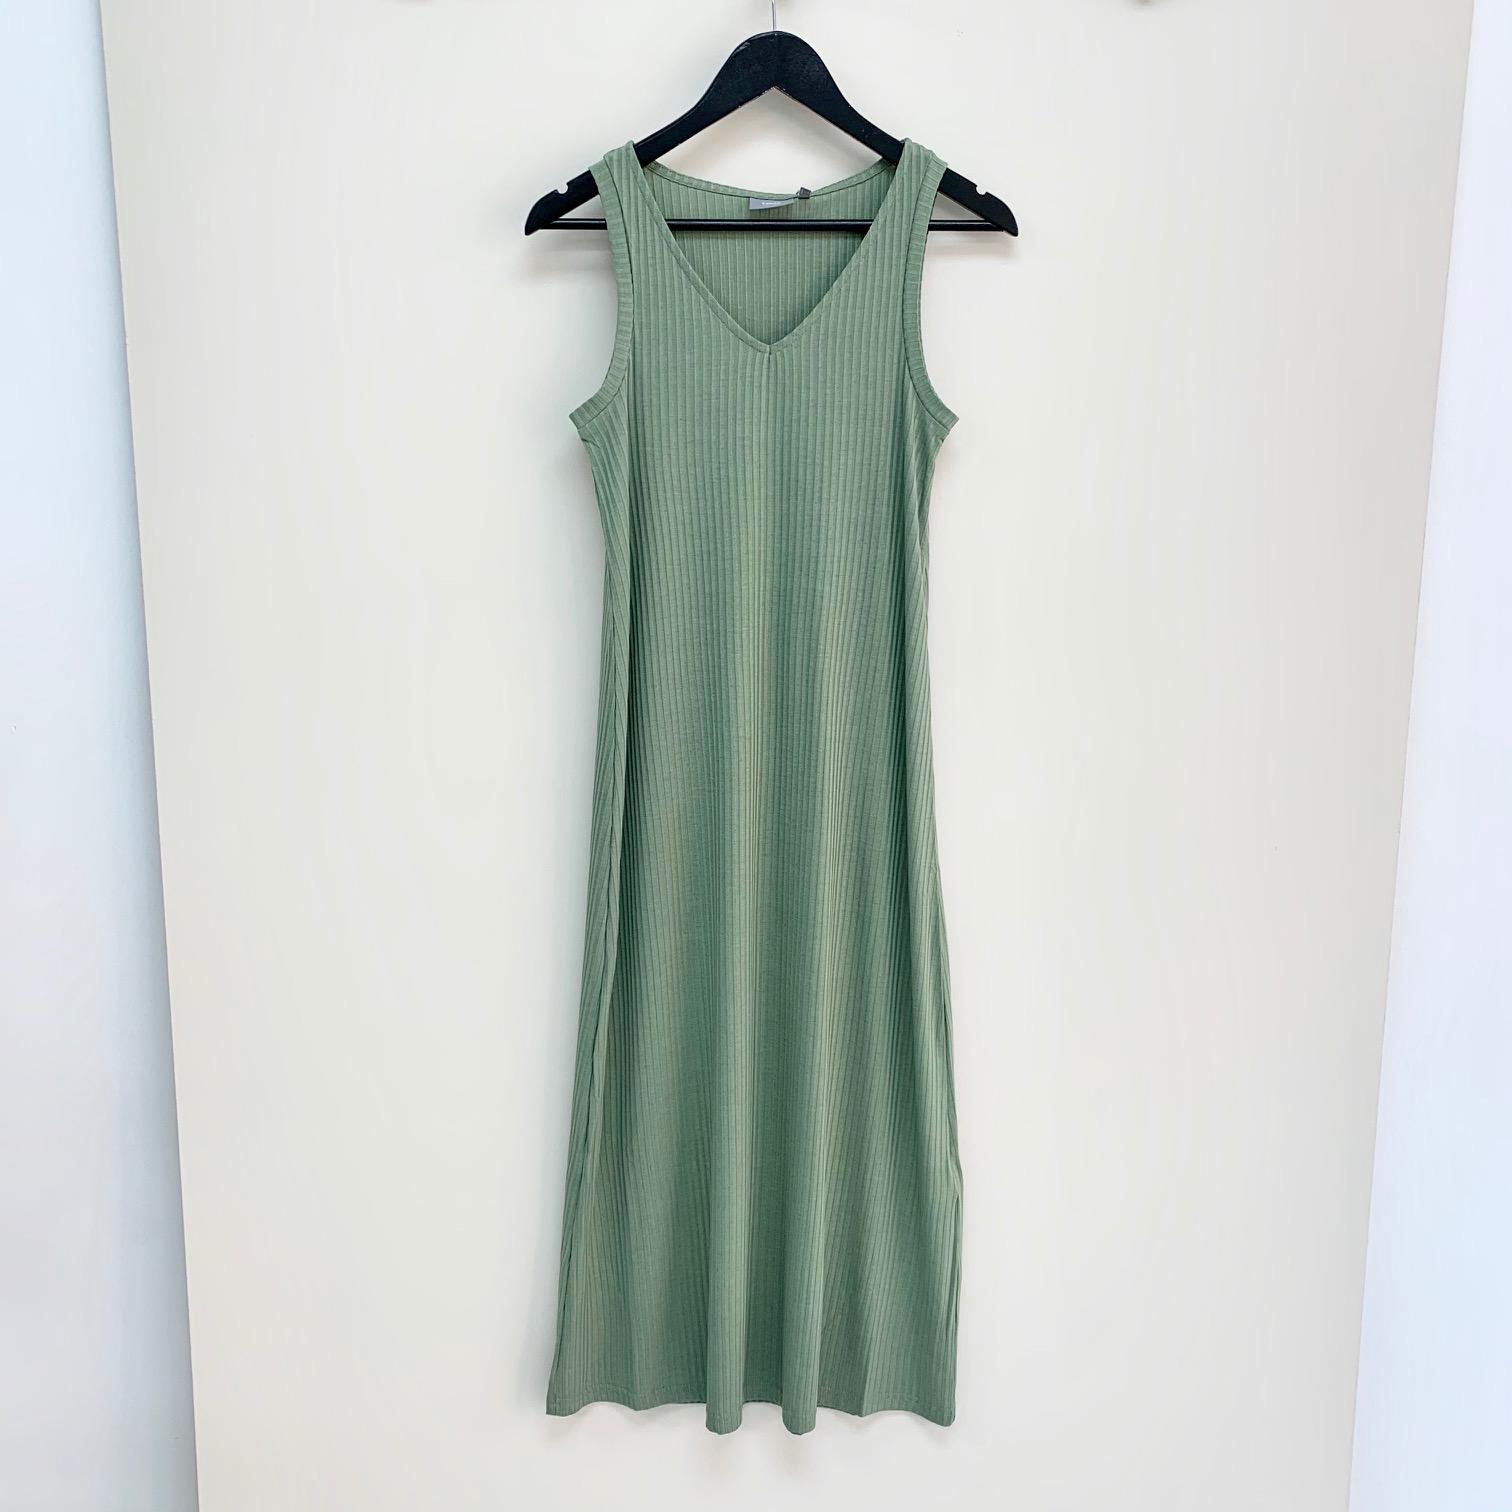 Salli dress